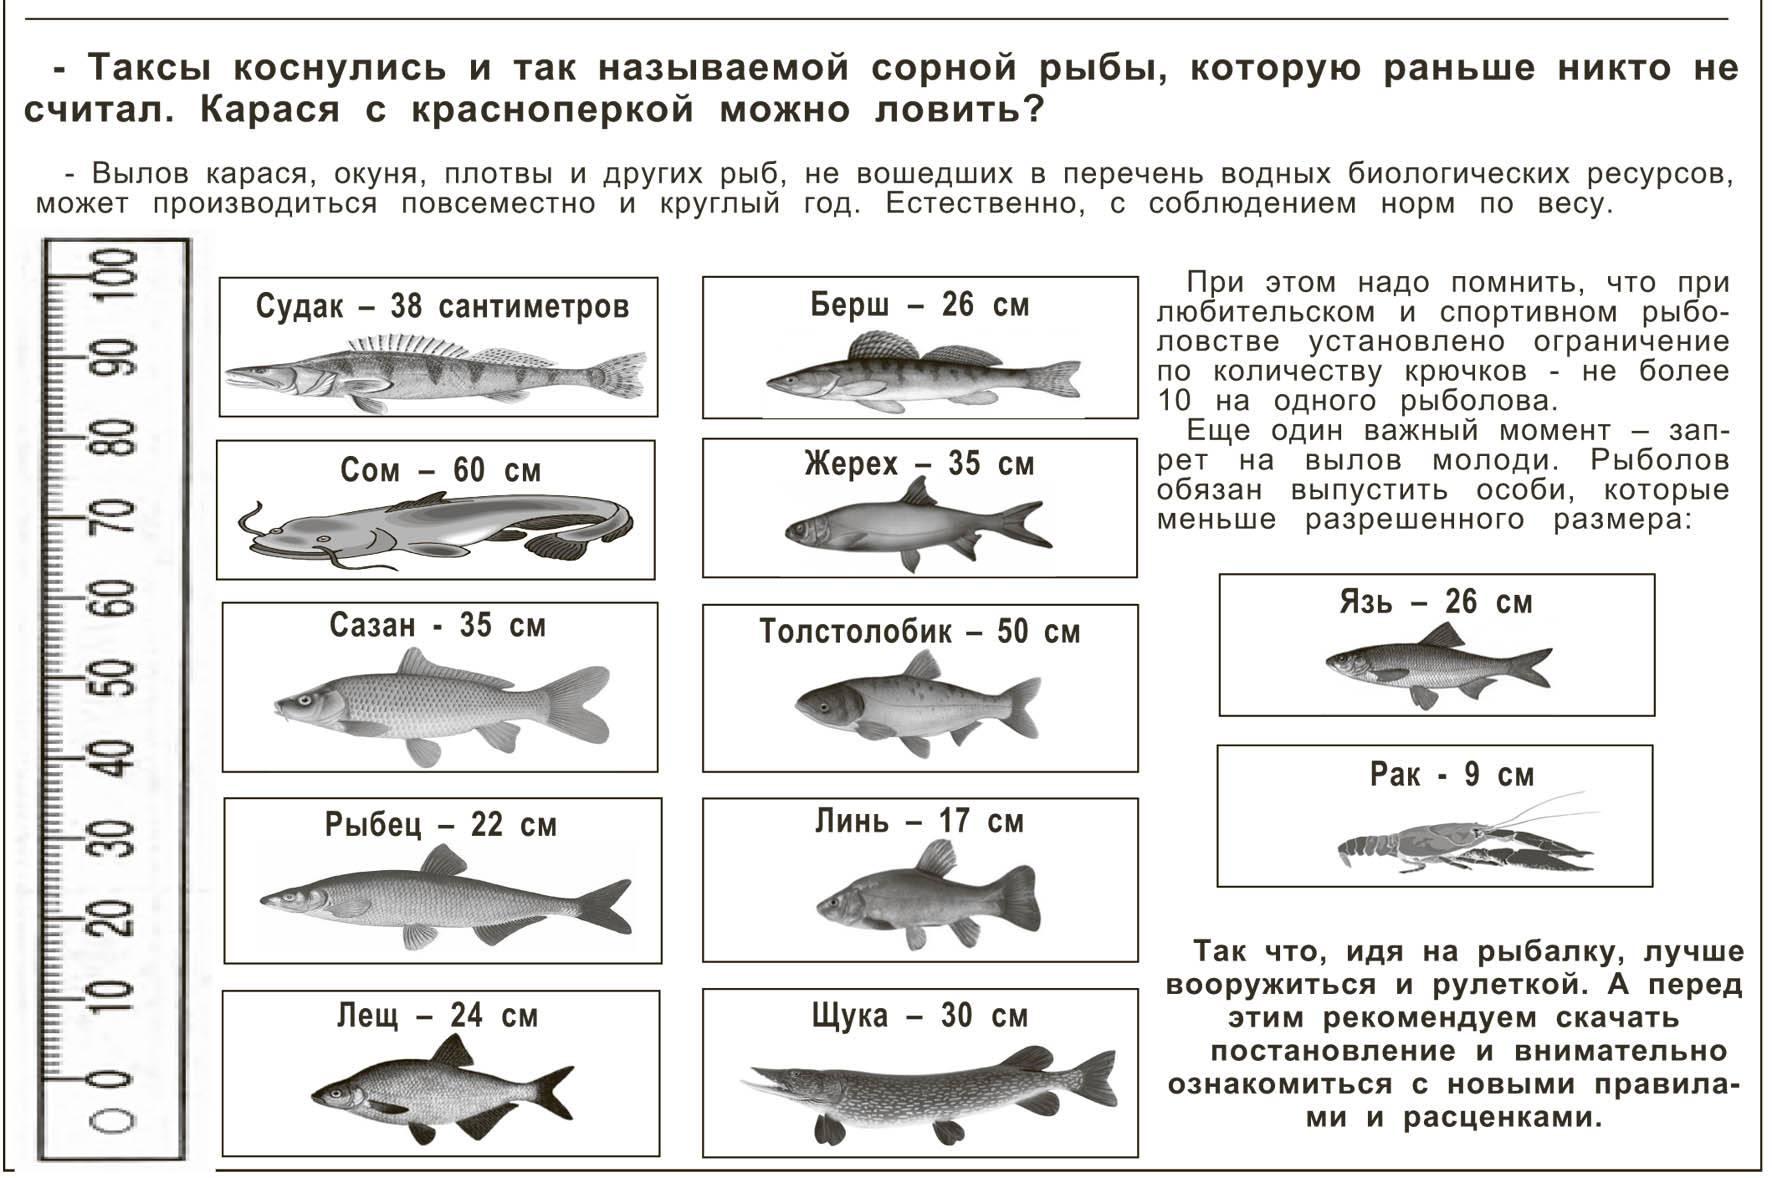 """Презентация на тему: """"вода в байкале пресная, чистая и прозрачная. а какие рыбы живут в водах байкала? какие из них встречаются только в байкале? ихтиологи делят байкальских."""". скачать бесплатно и без"""